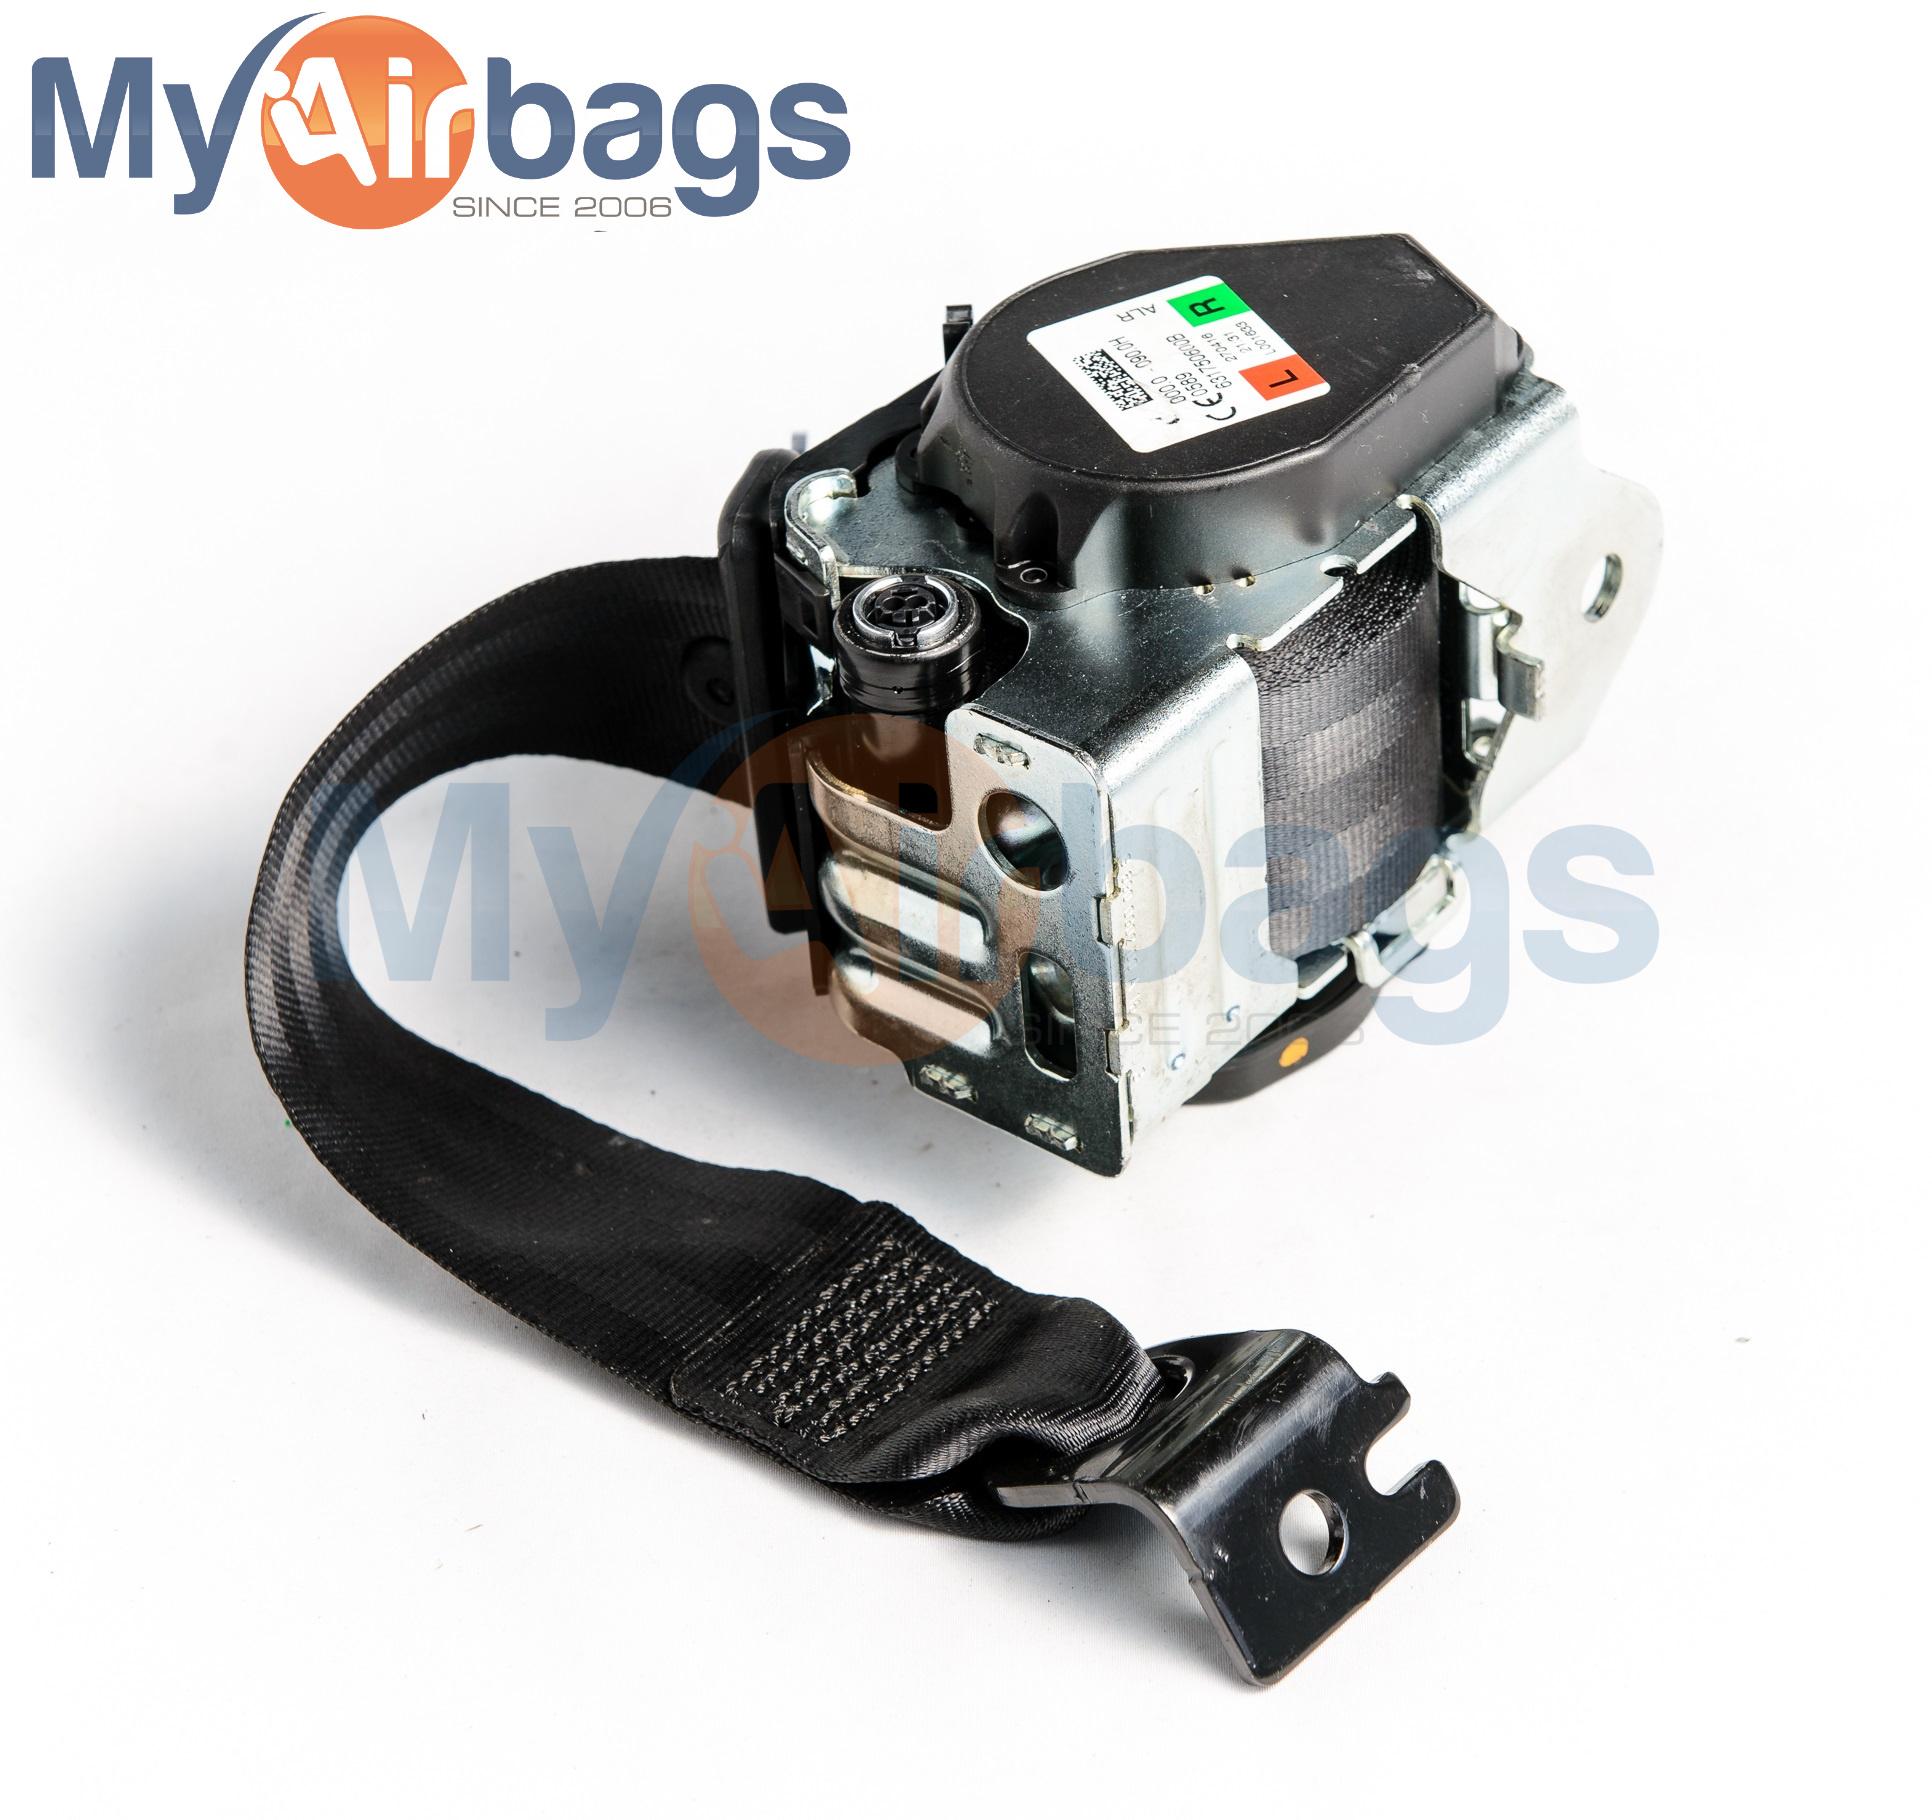 MyAirbags-Seat-Belt-Pretensioner-Repair-Replacment-21